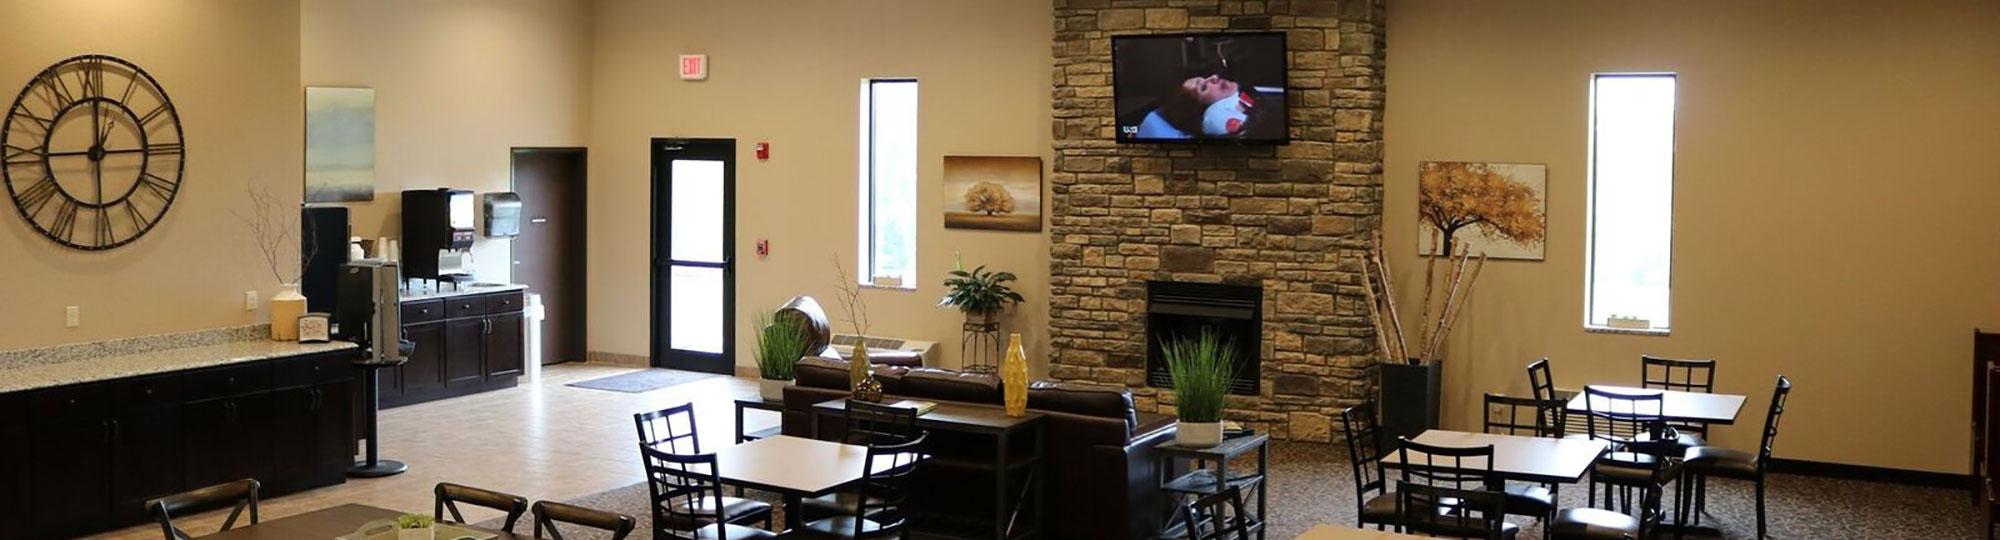 Cobblestone Inn & Suites Maryville